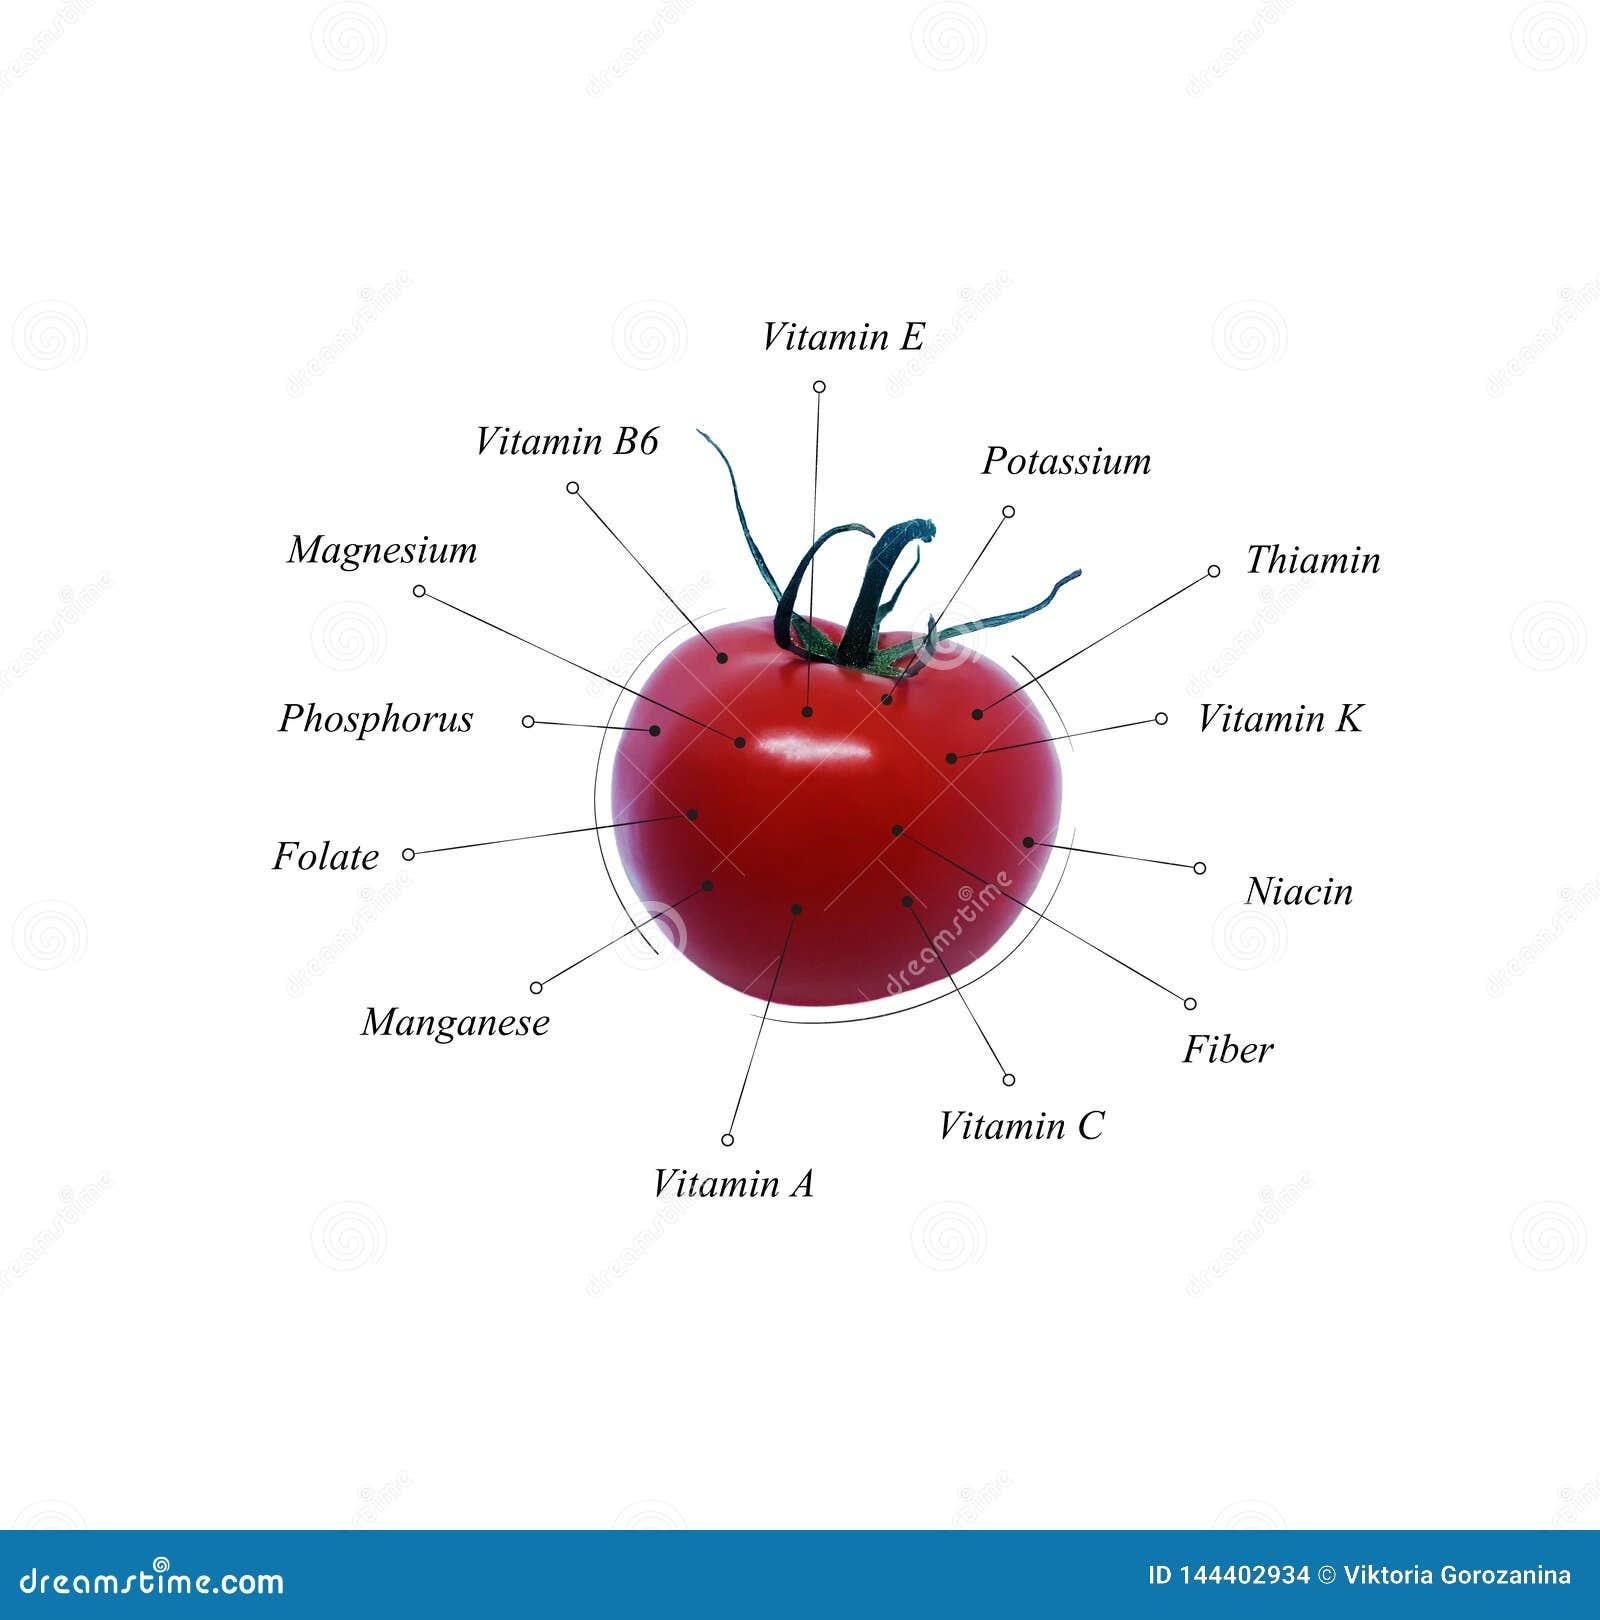 Pomidorowe odżywki Jarzynowa informacja ilustracja dieta zdrowa